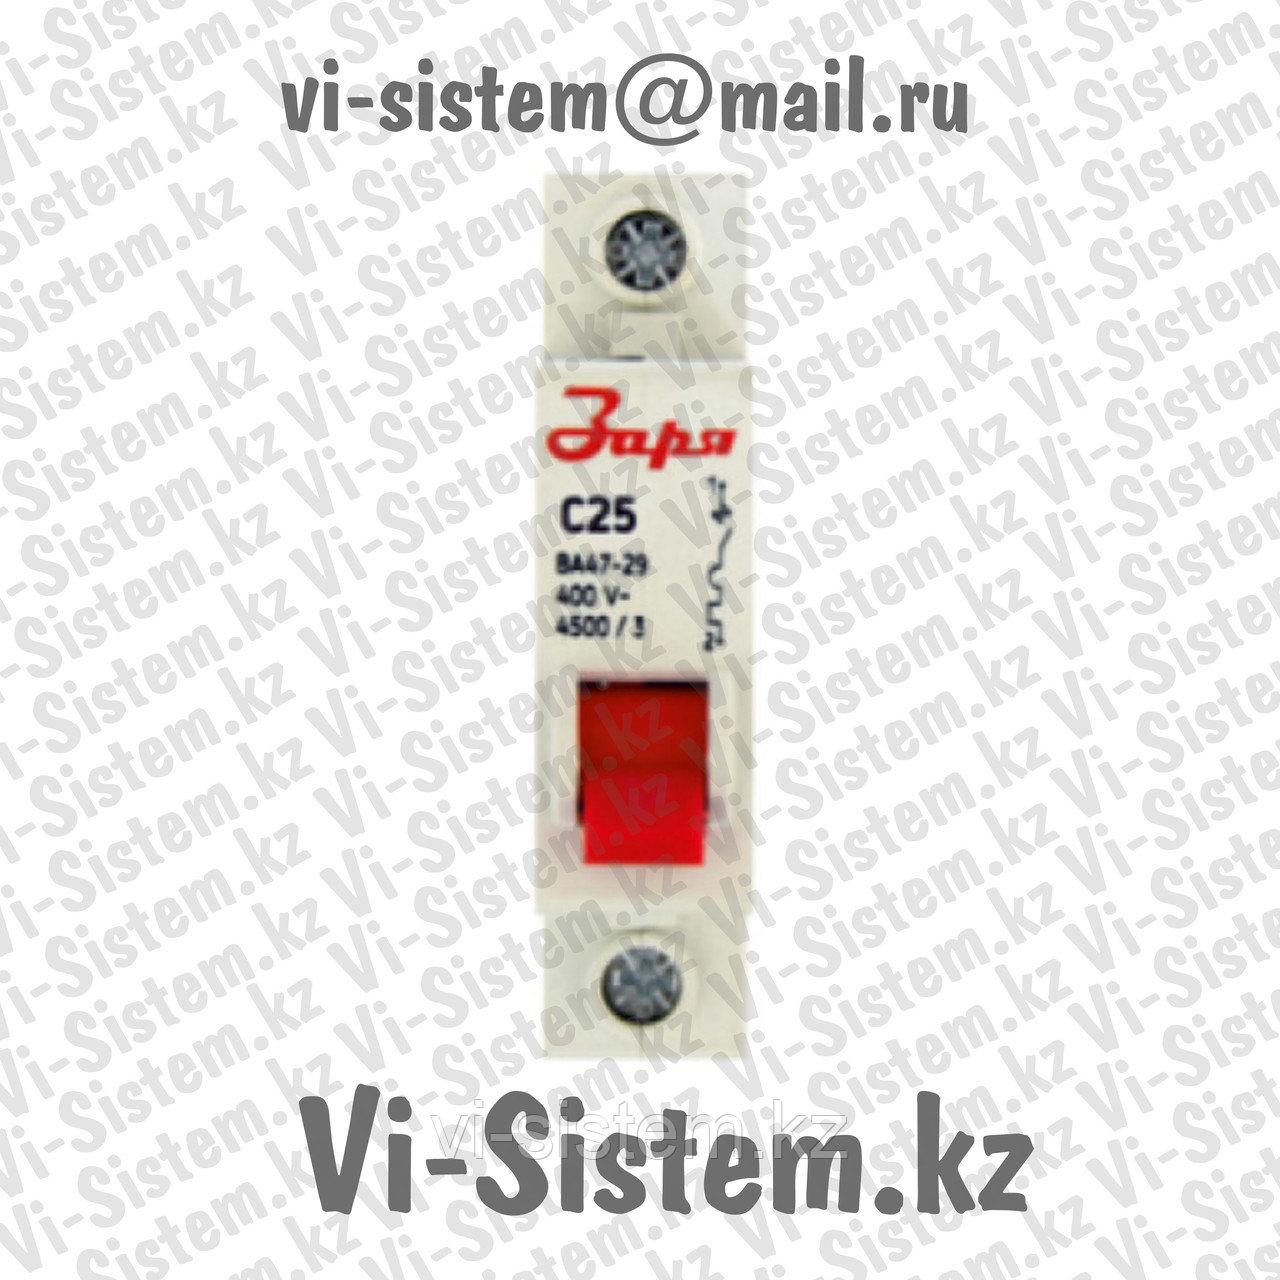 Автоматический выключатель Заря C25 1P-25A